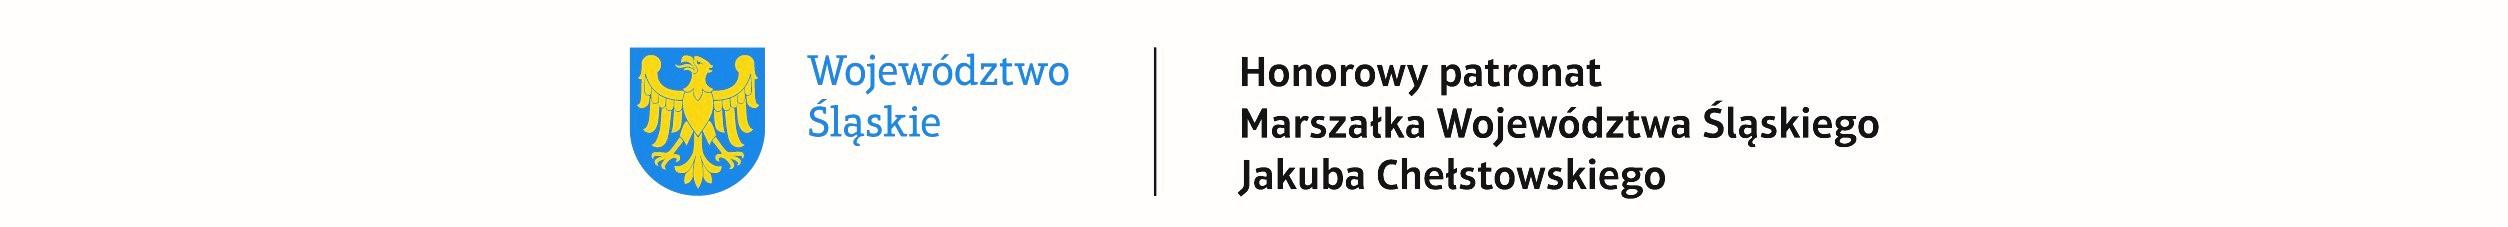 Grafika z herbem województwa śląskiego informująca o patronacie marszałka województwa nad konkursem